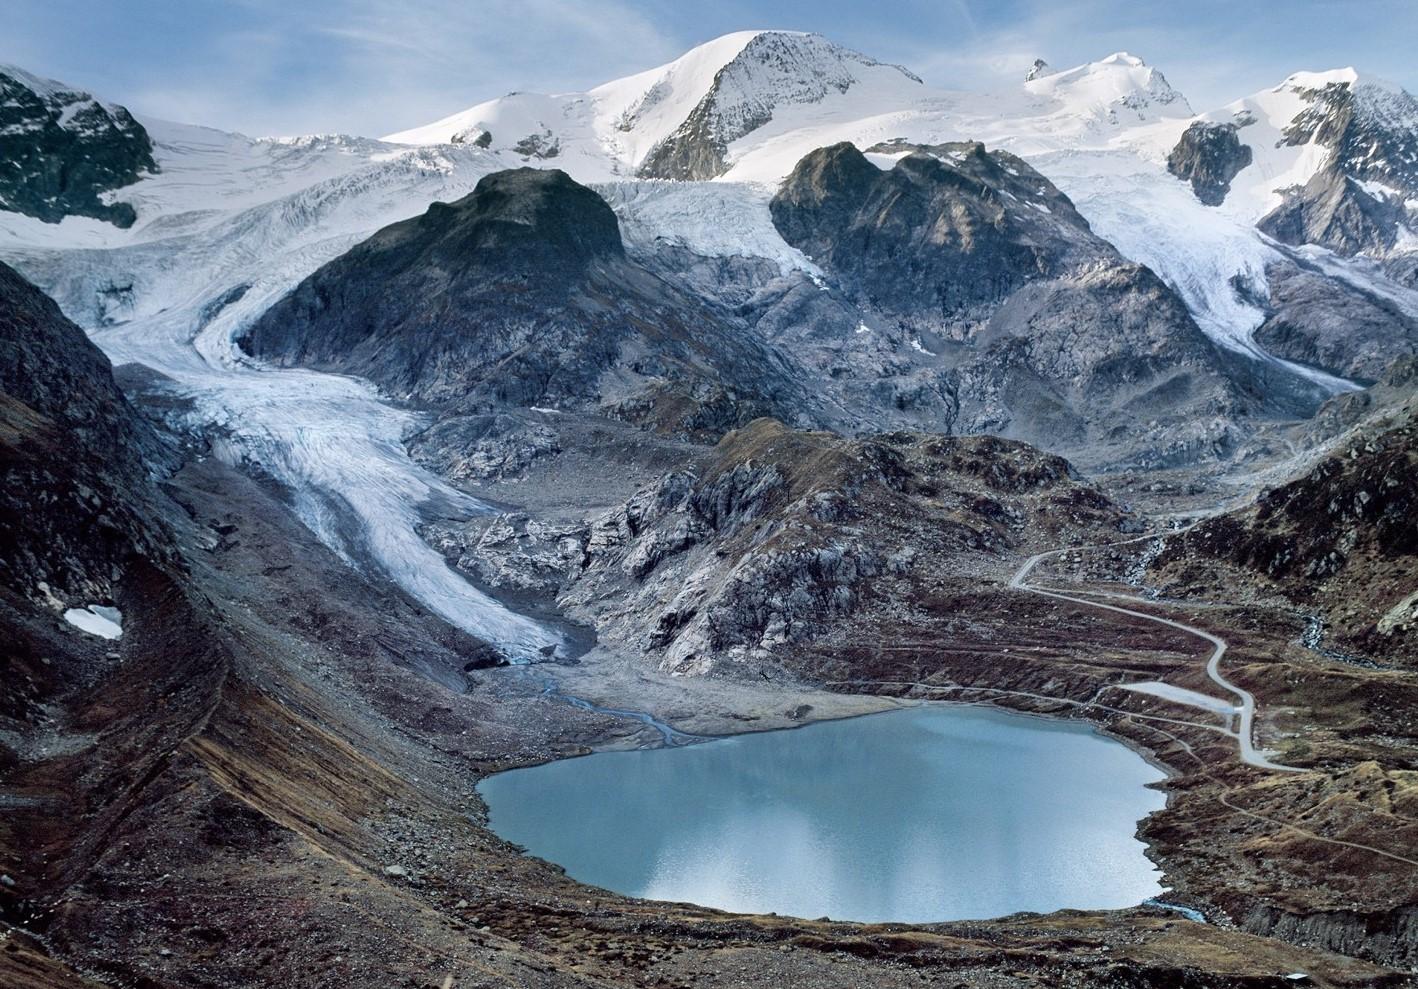 КРасивая фотография ледника с озером